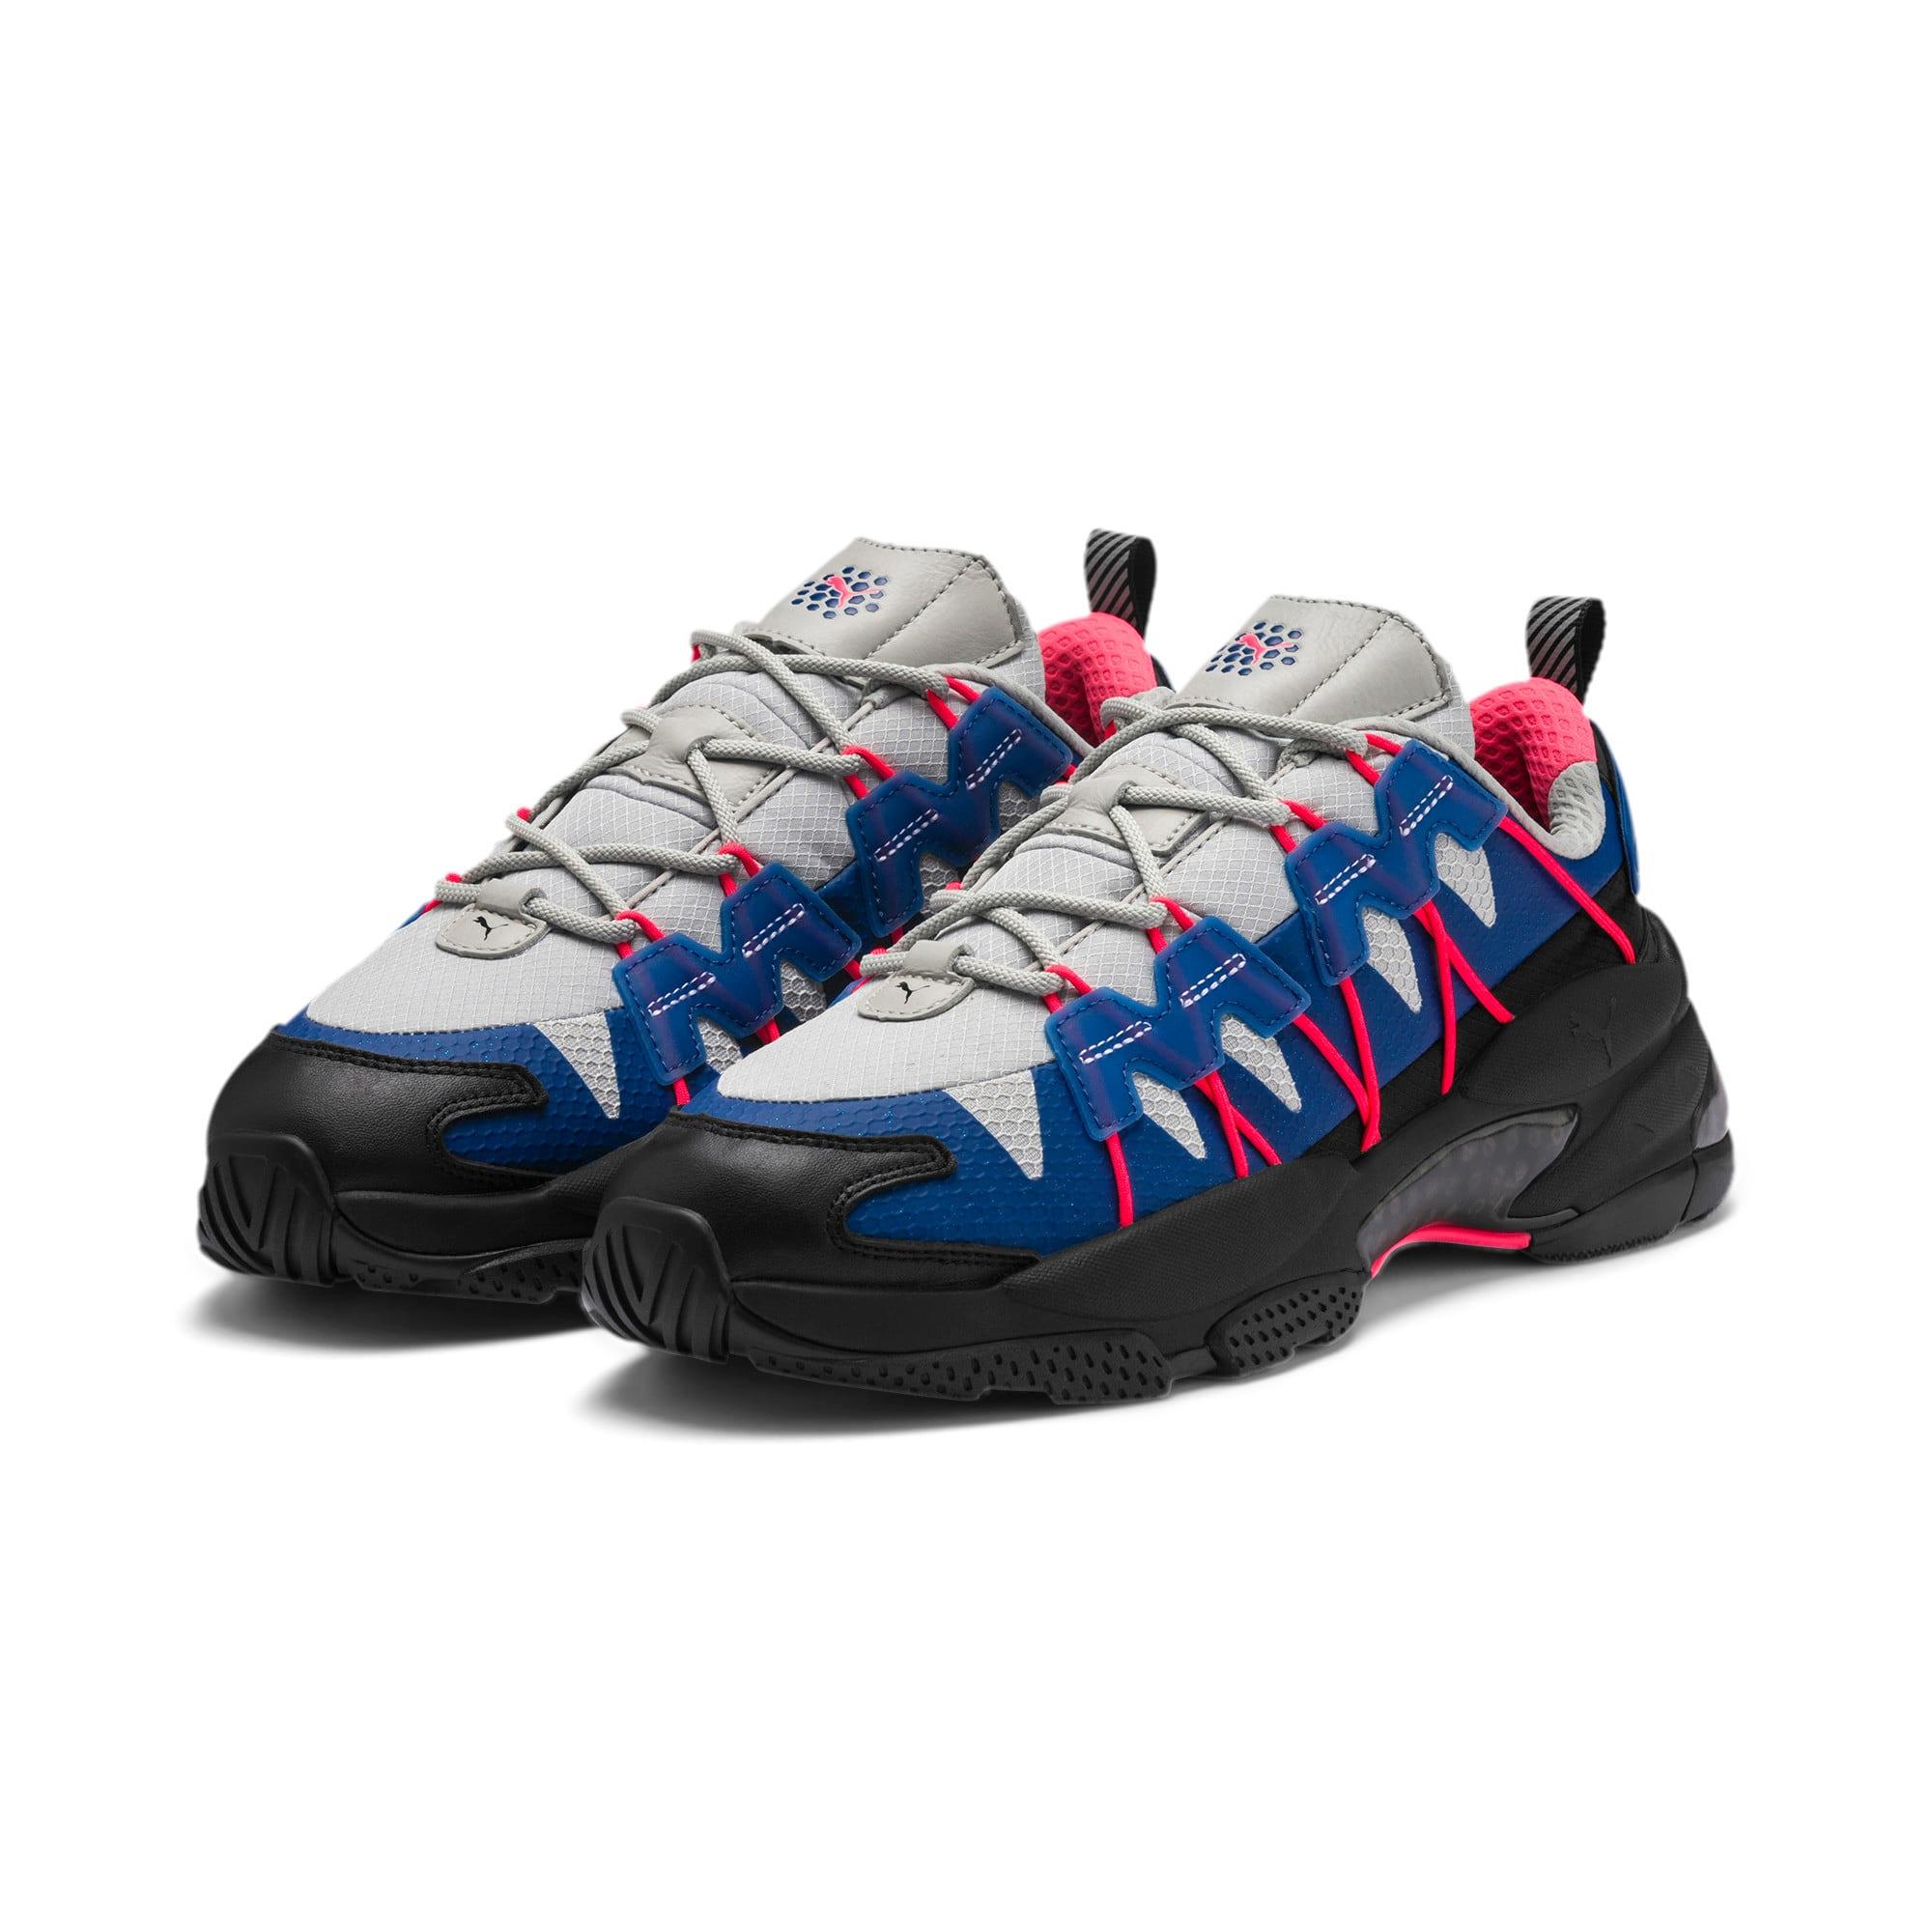 Thumbnail 2 of LQDCELL Omega Lab Training Shoes, Puma Black-Galaxy Blue, medium